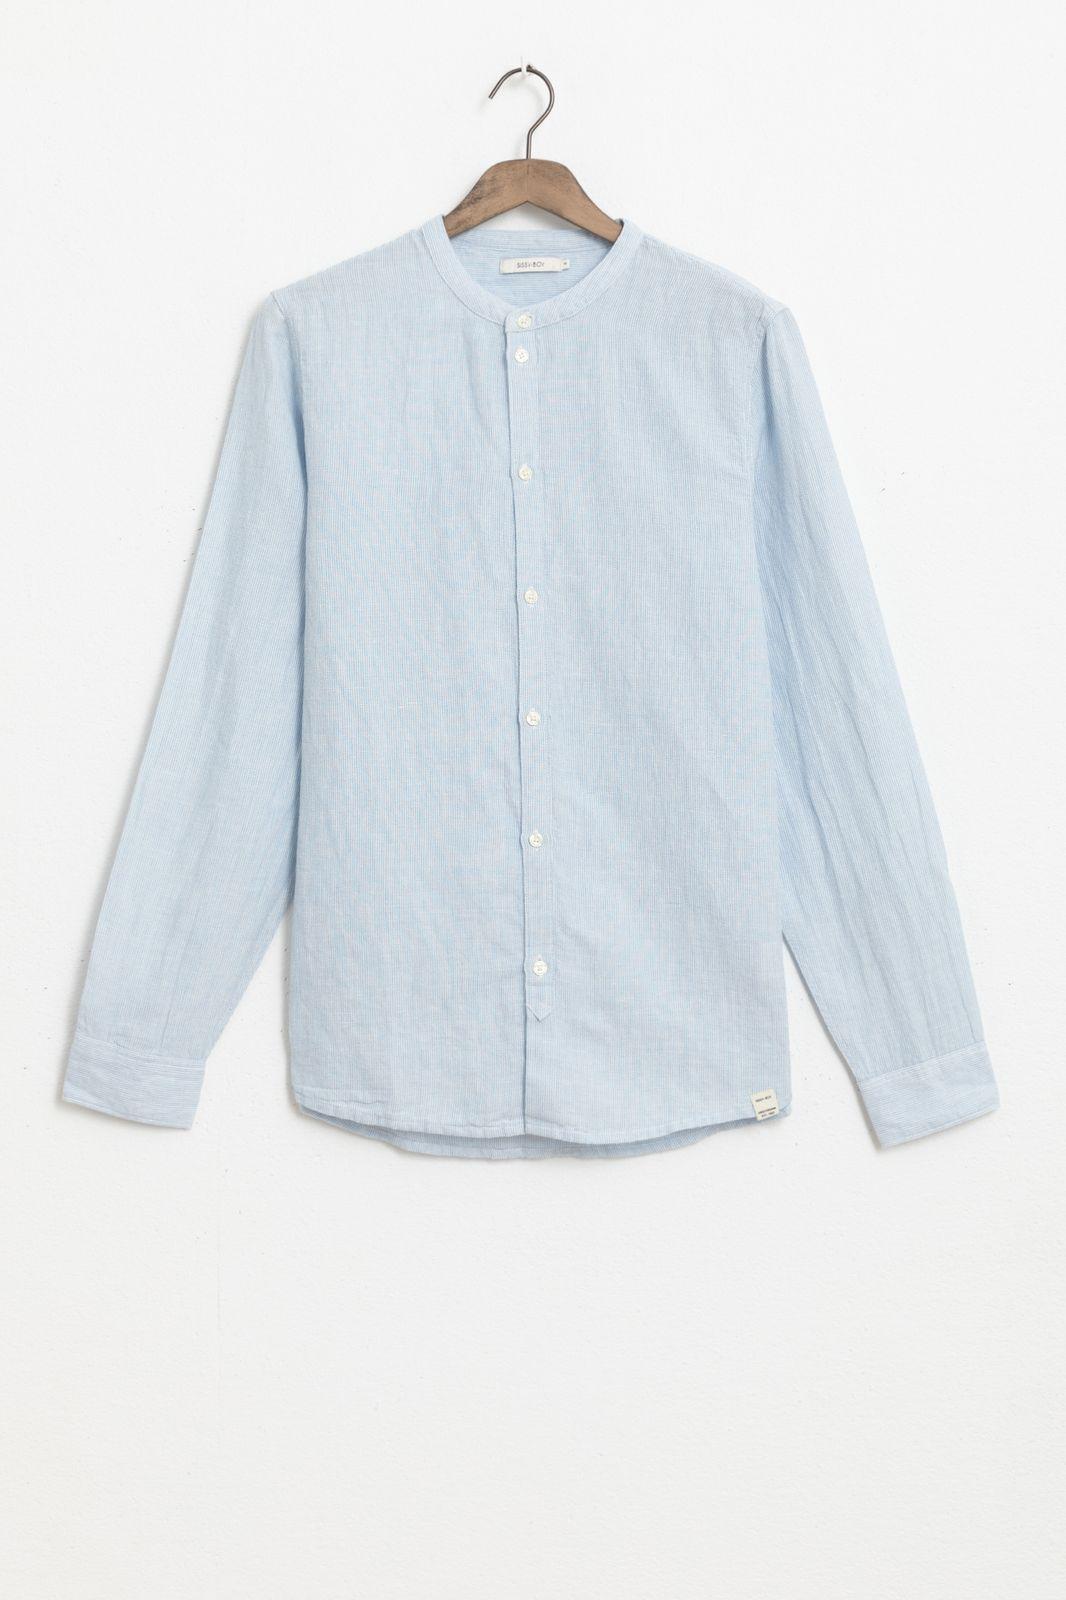 Lichtblauw linnen overhemd gestreept